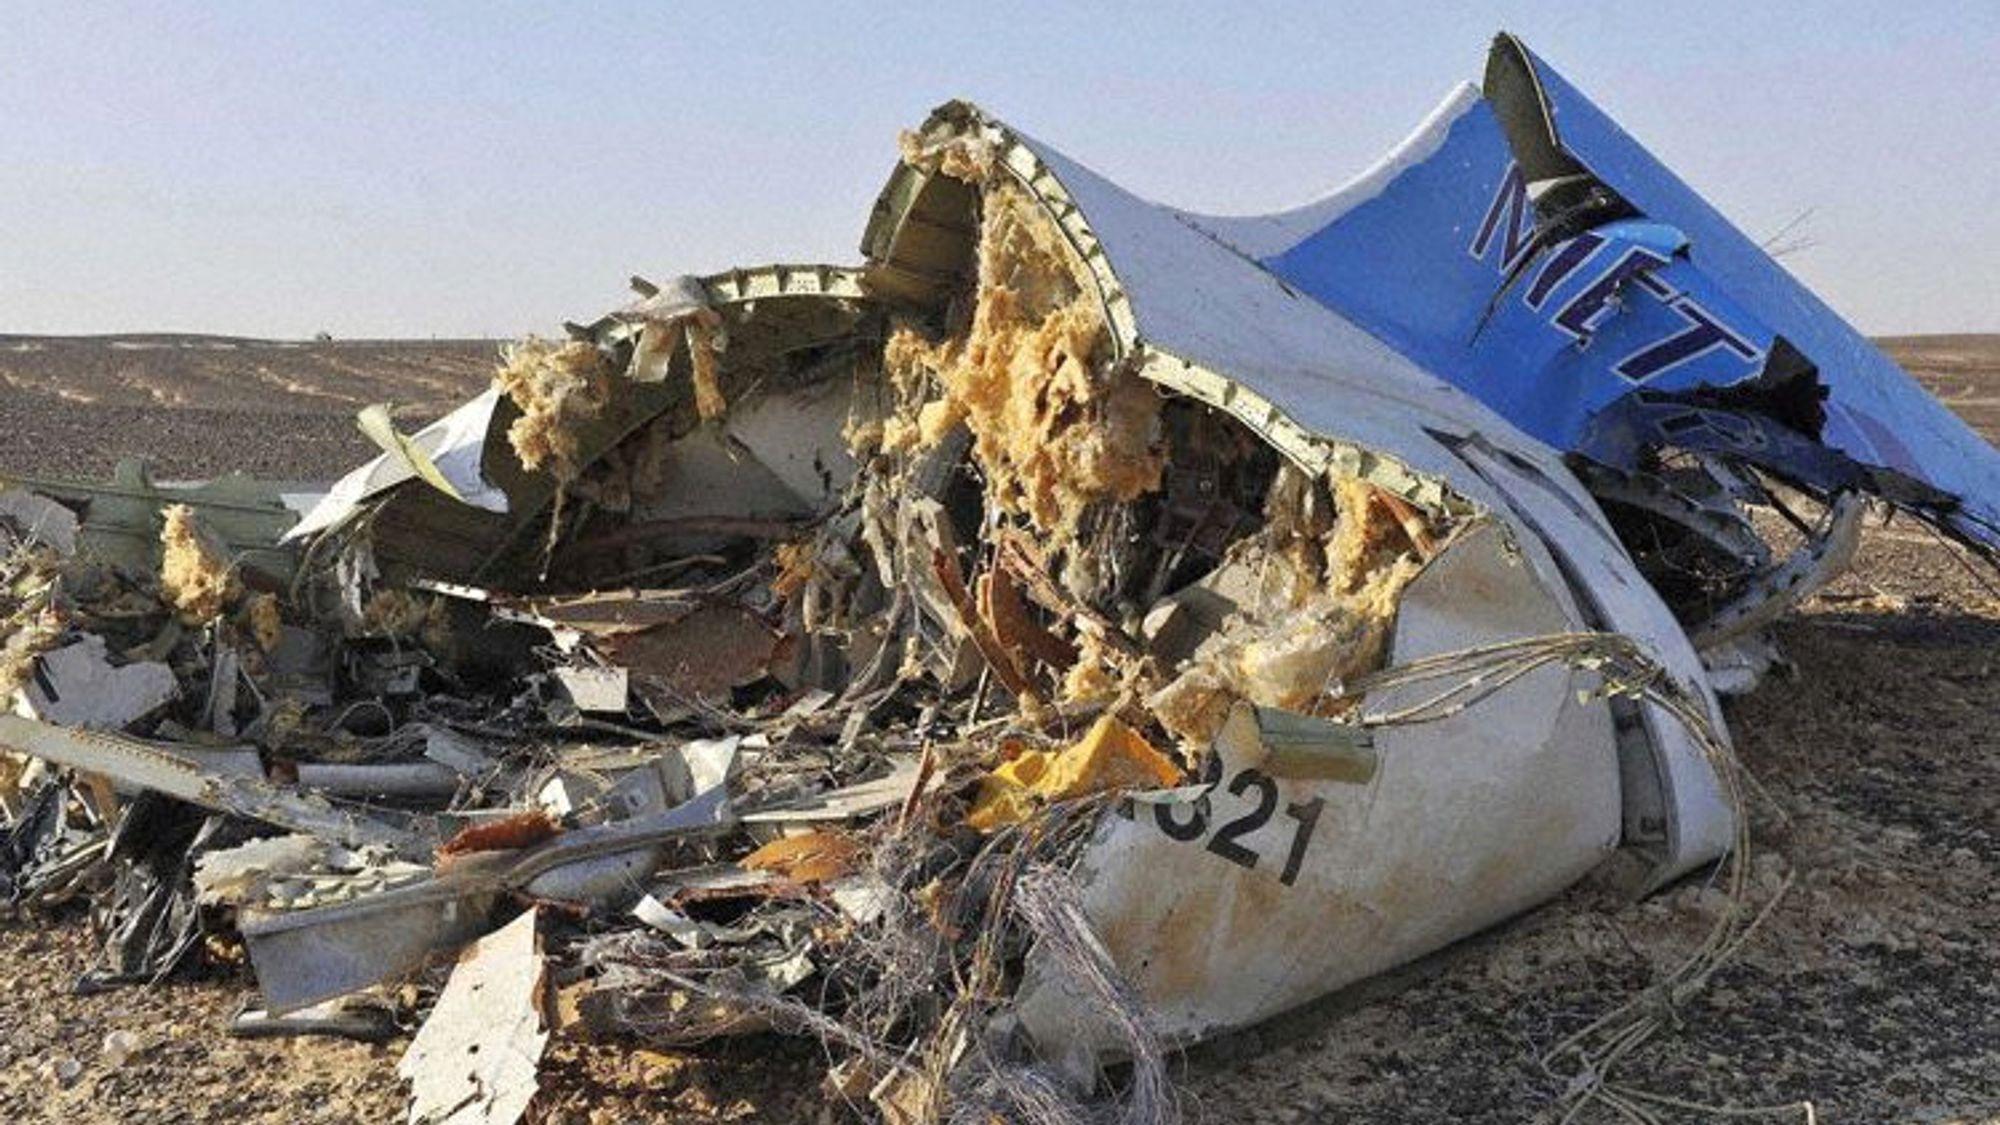 Restene av A321-flyet fra Metrojet som styrtet i Egypt for litt over to måneder siden.